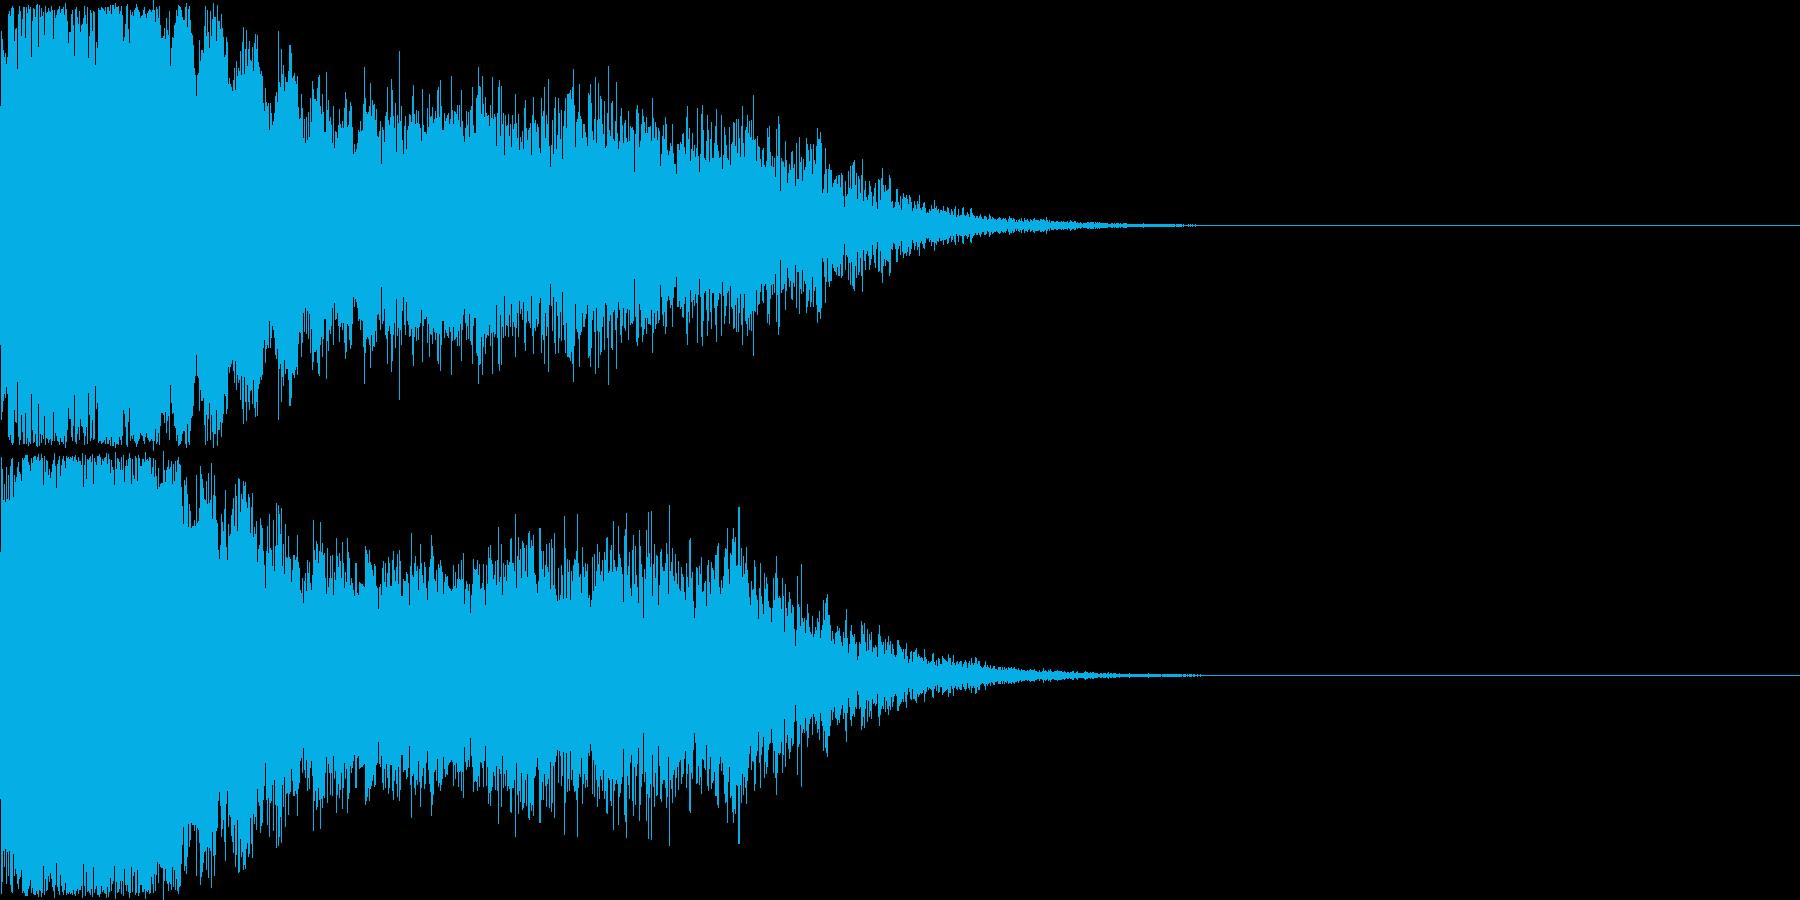 刀 剣 ソード カキーン キュイーン26の再生済みの波形